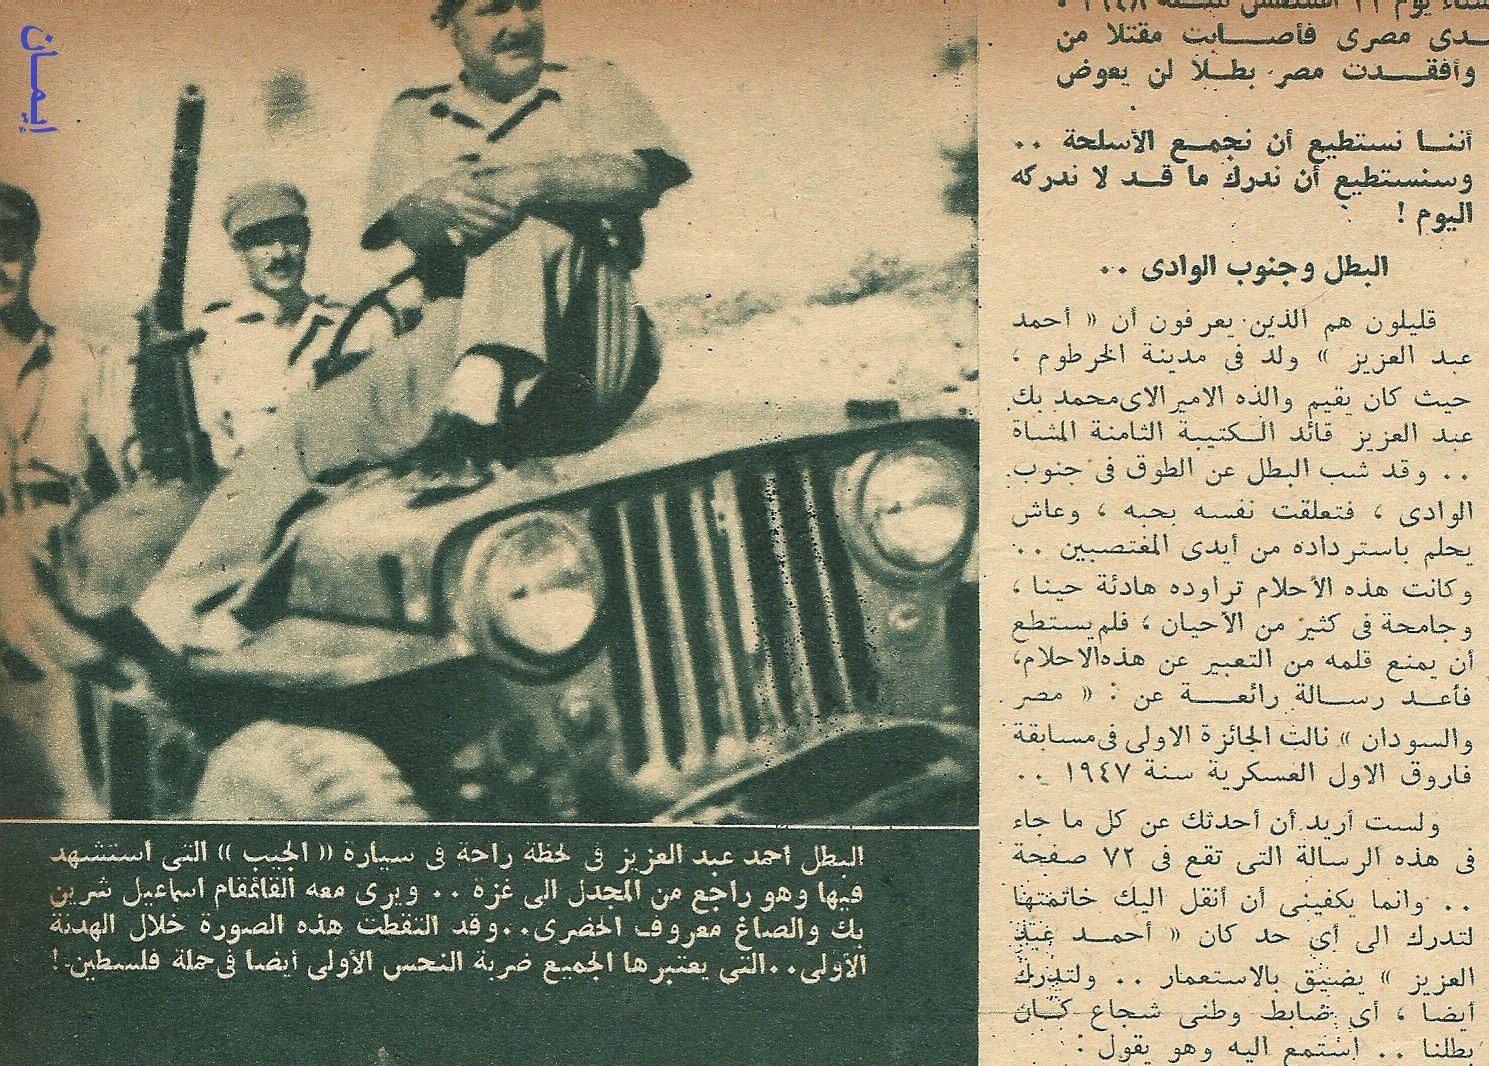 البطل أحمد عبد العزيز وسيارة الجيب التى استشهد بها المصور العدد 1349 4 ذو القعدة 1369 هـ 18 أغسطس 1950 م Egypt History Old Egypt History Pictures